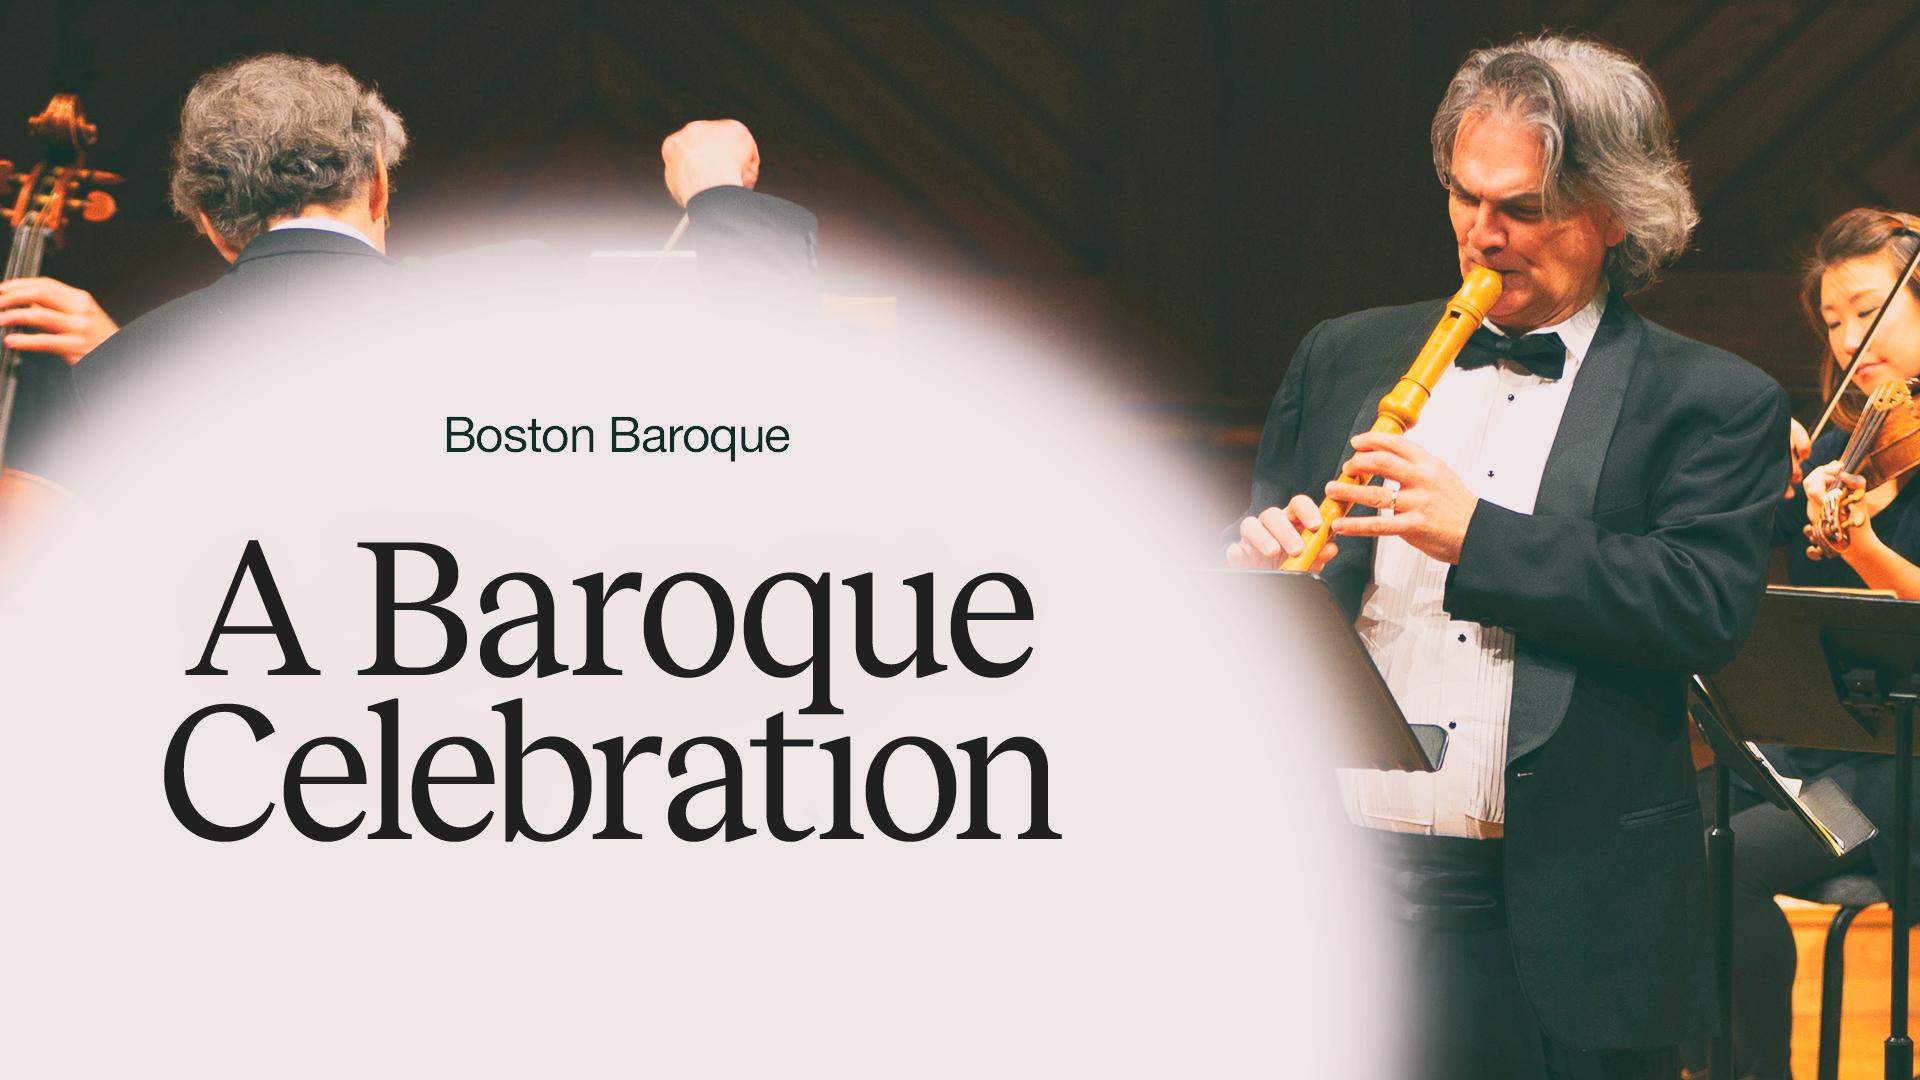 A Baroque Celebration